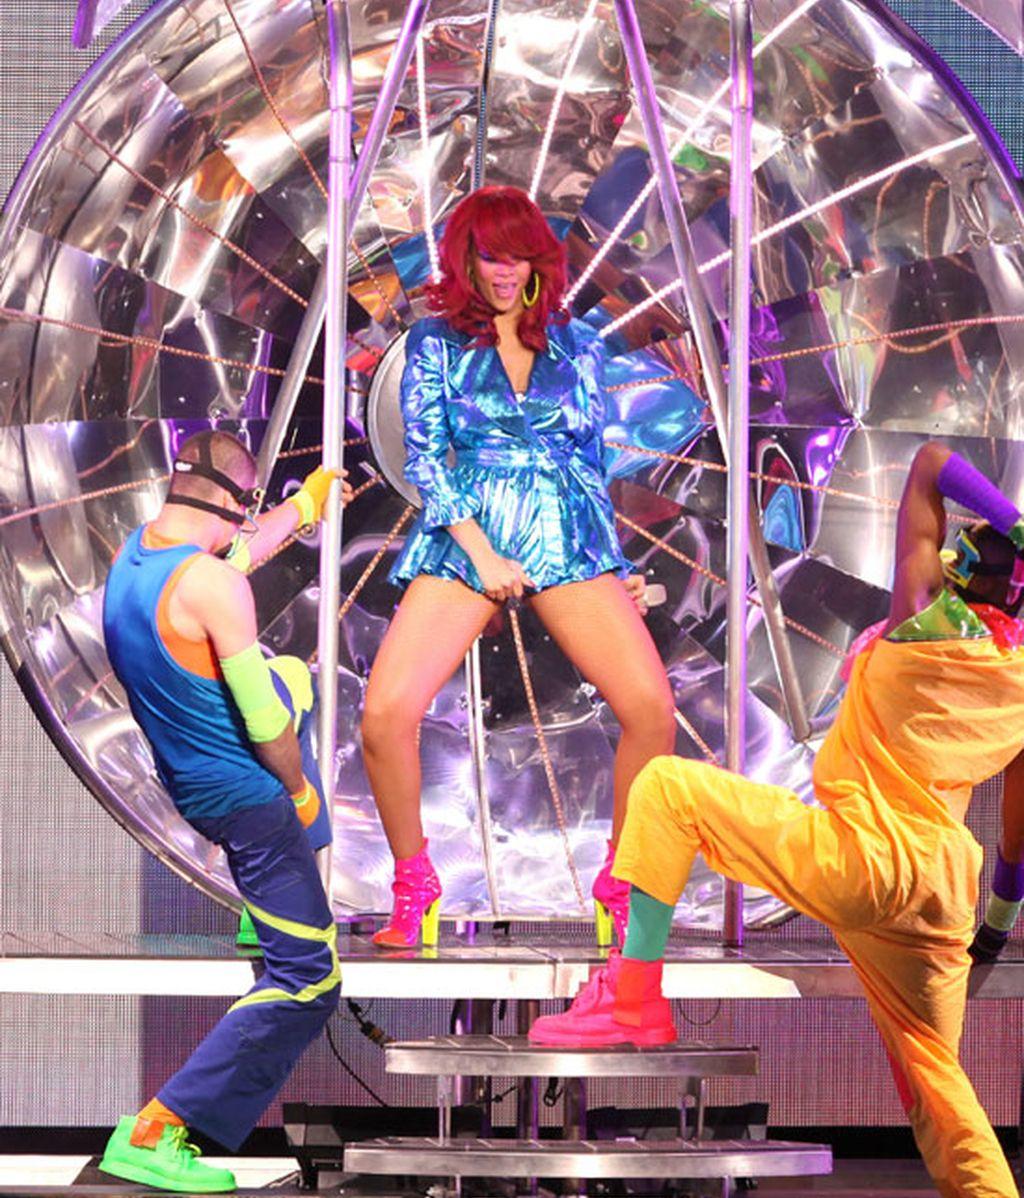 La gira de Rihanna: estilismo a lo Lady Gaga; actitud a lo Diego Forlán